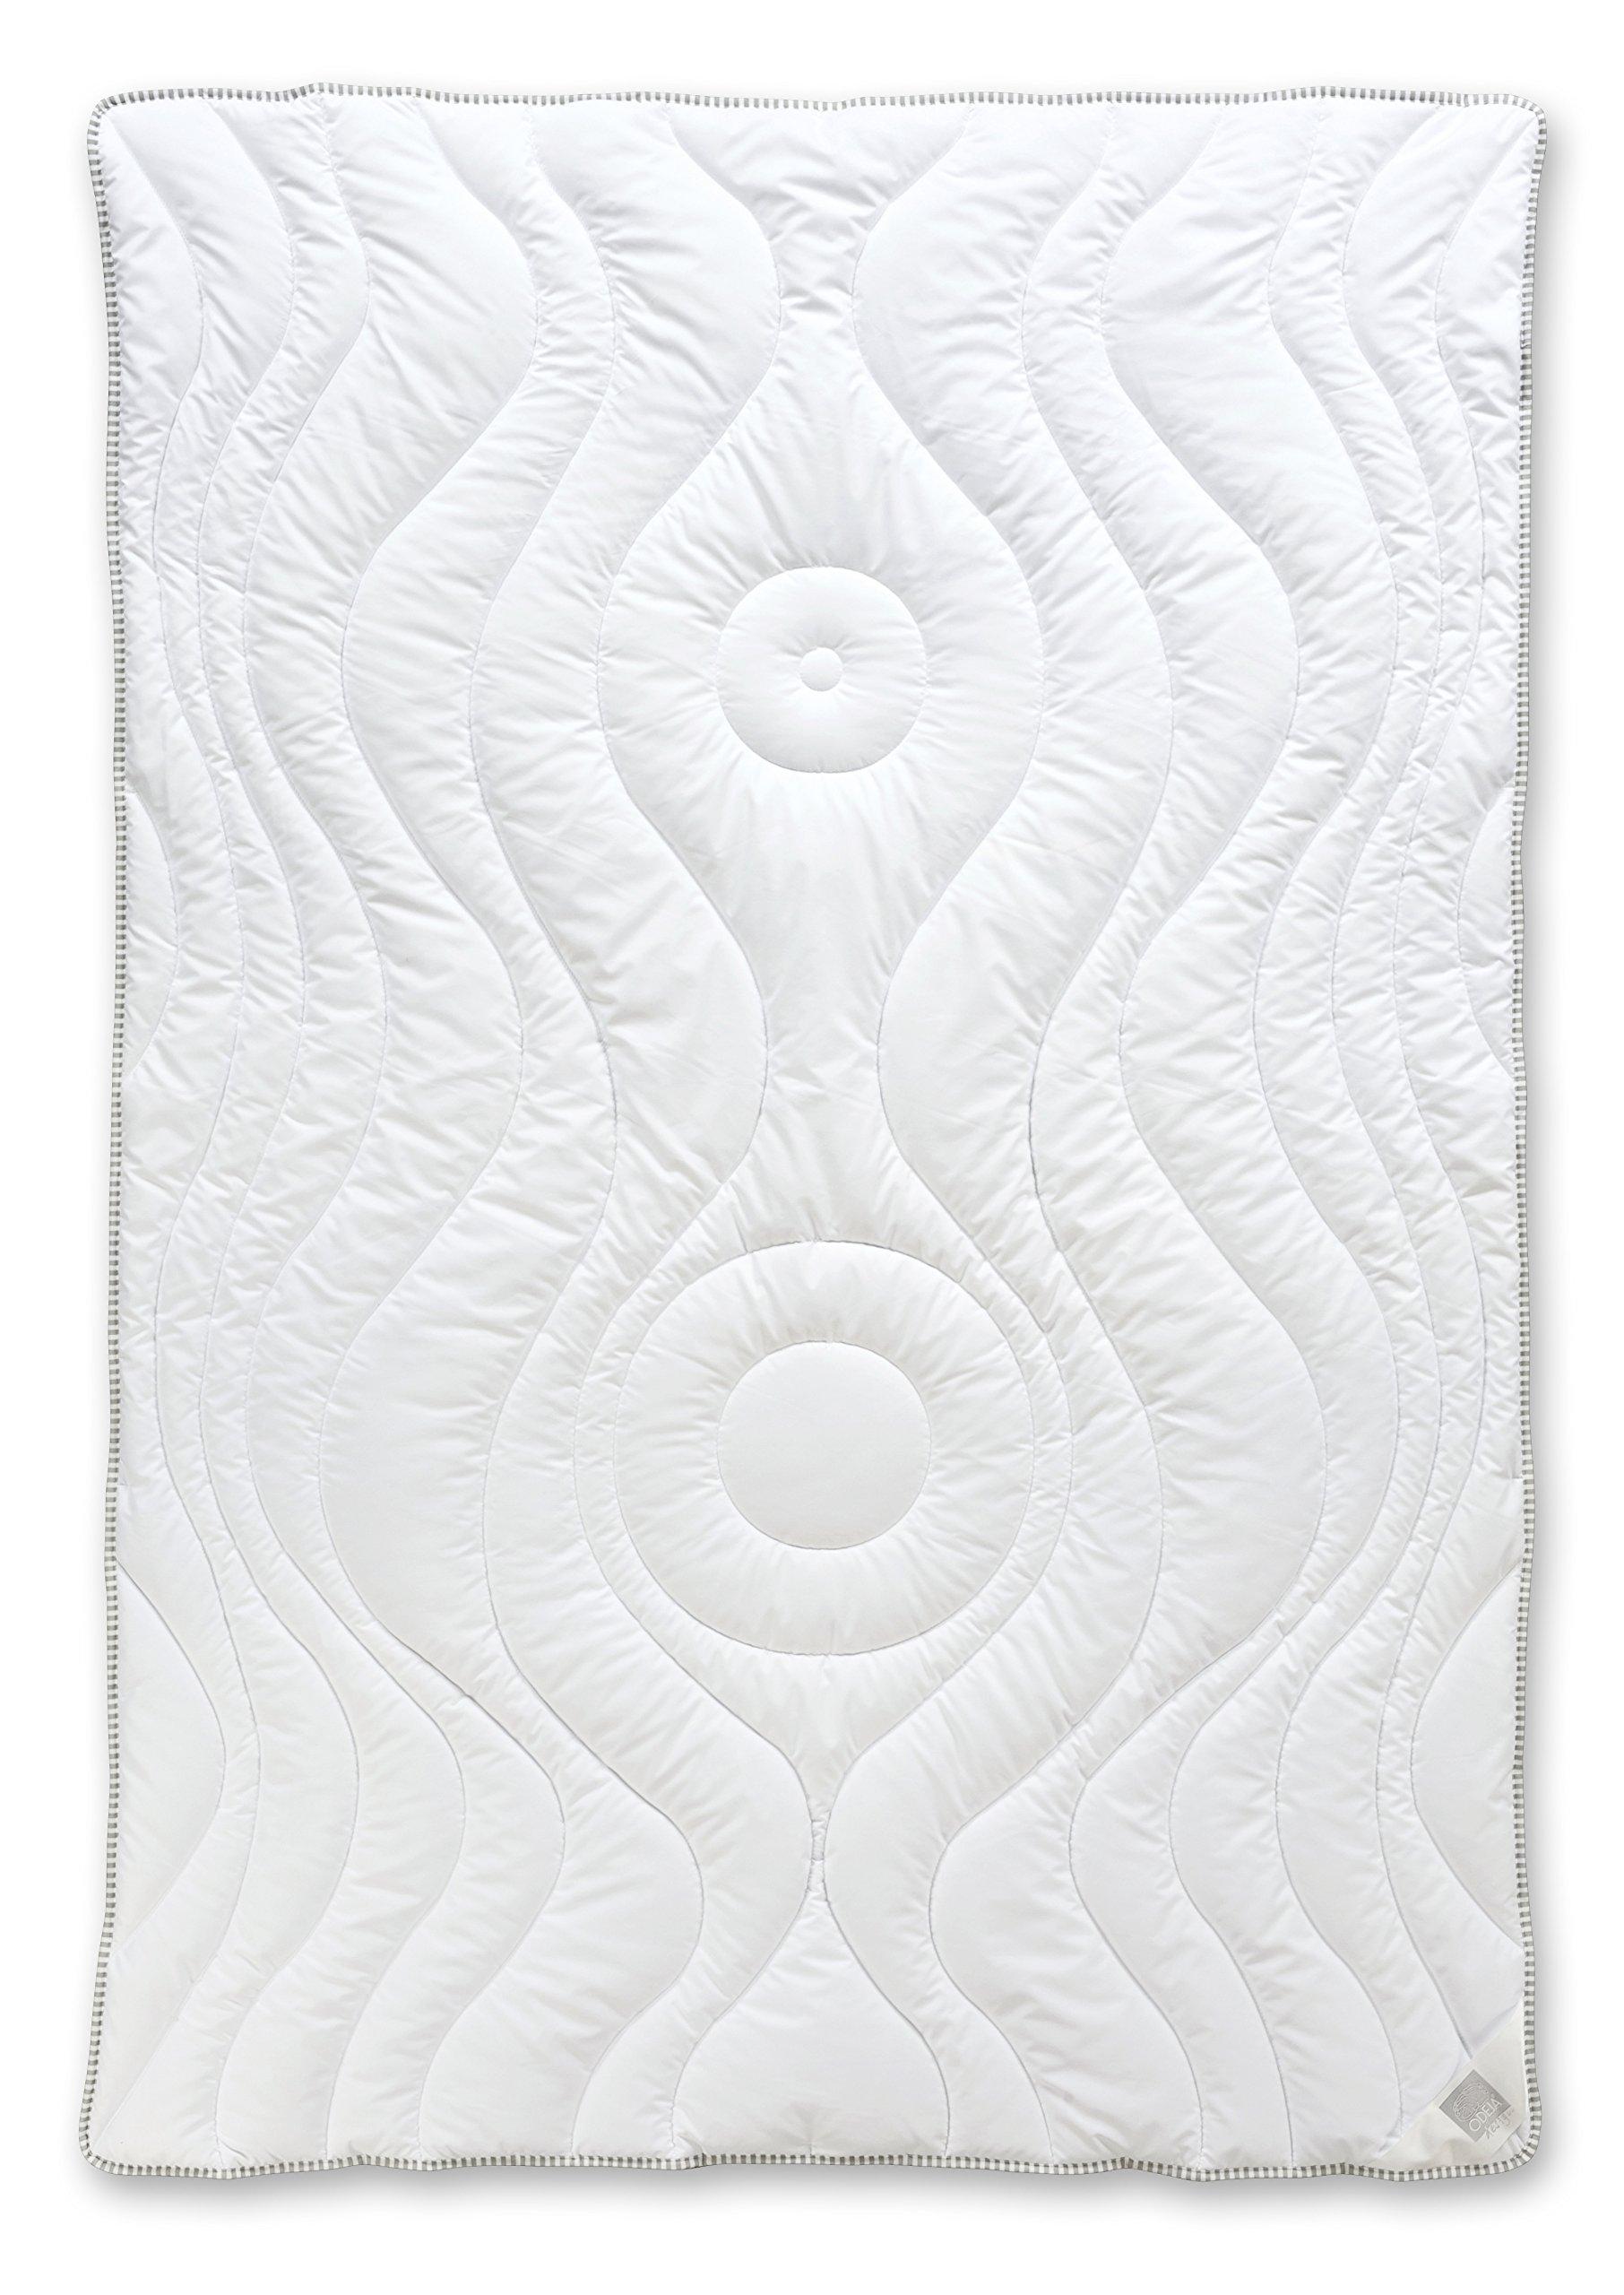 Odeja 200 x 140 cm, film design Micro Sogno, peso leggero, per letti singoli, 1 pezzo, avorio